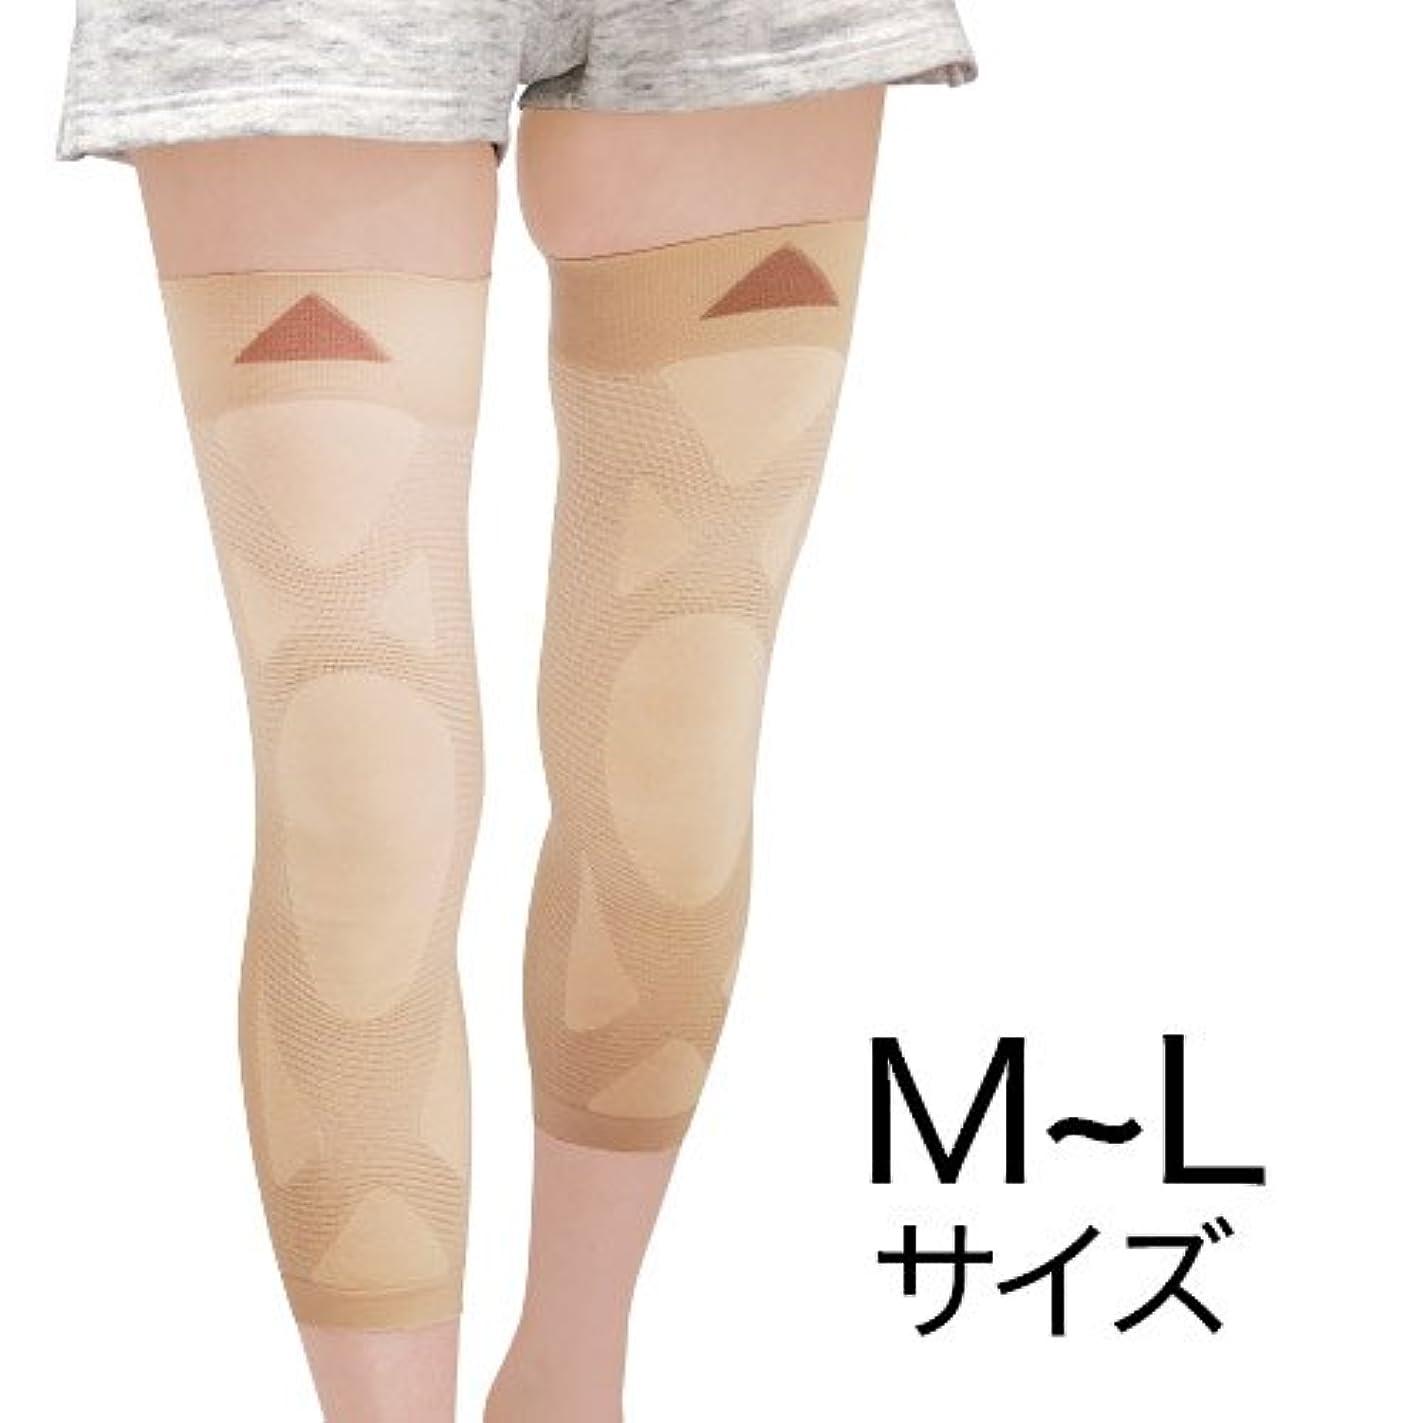 吸収剤交差点好みナチュラルガーデン 膝楽サポーター M~L(左右共通2枚組)